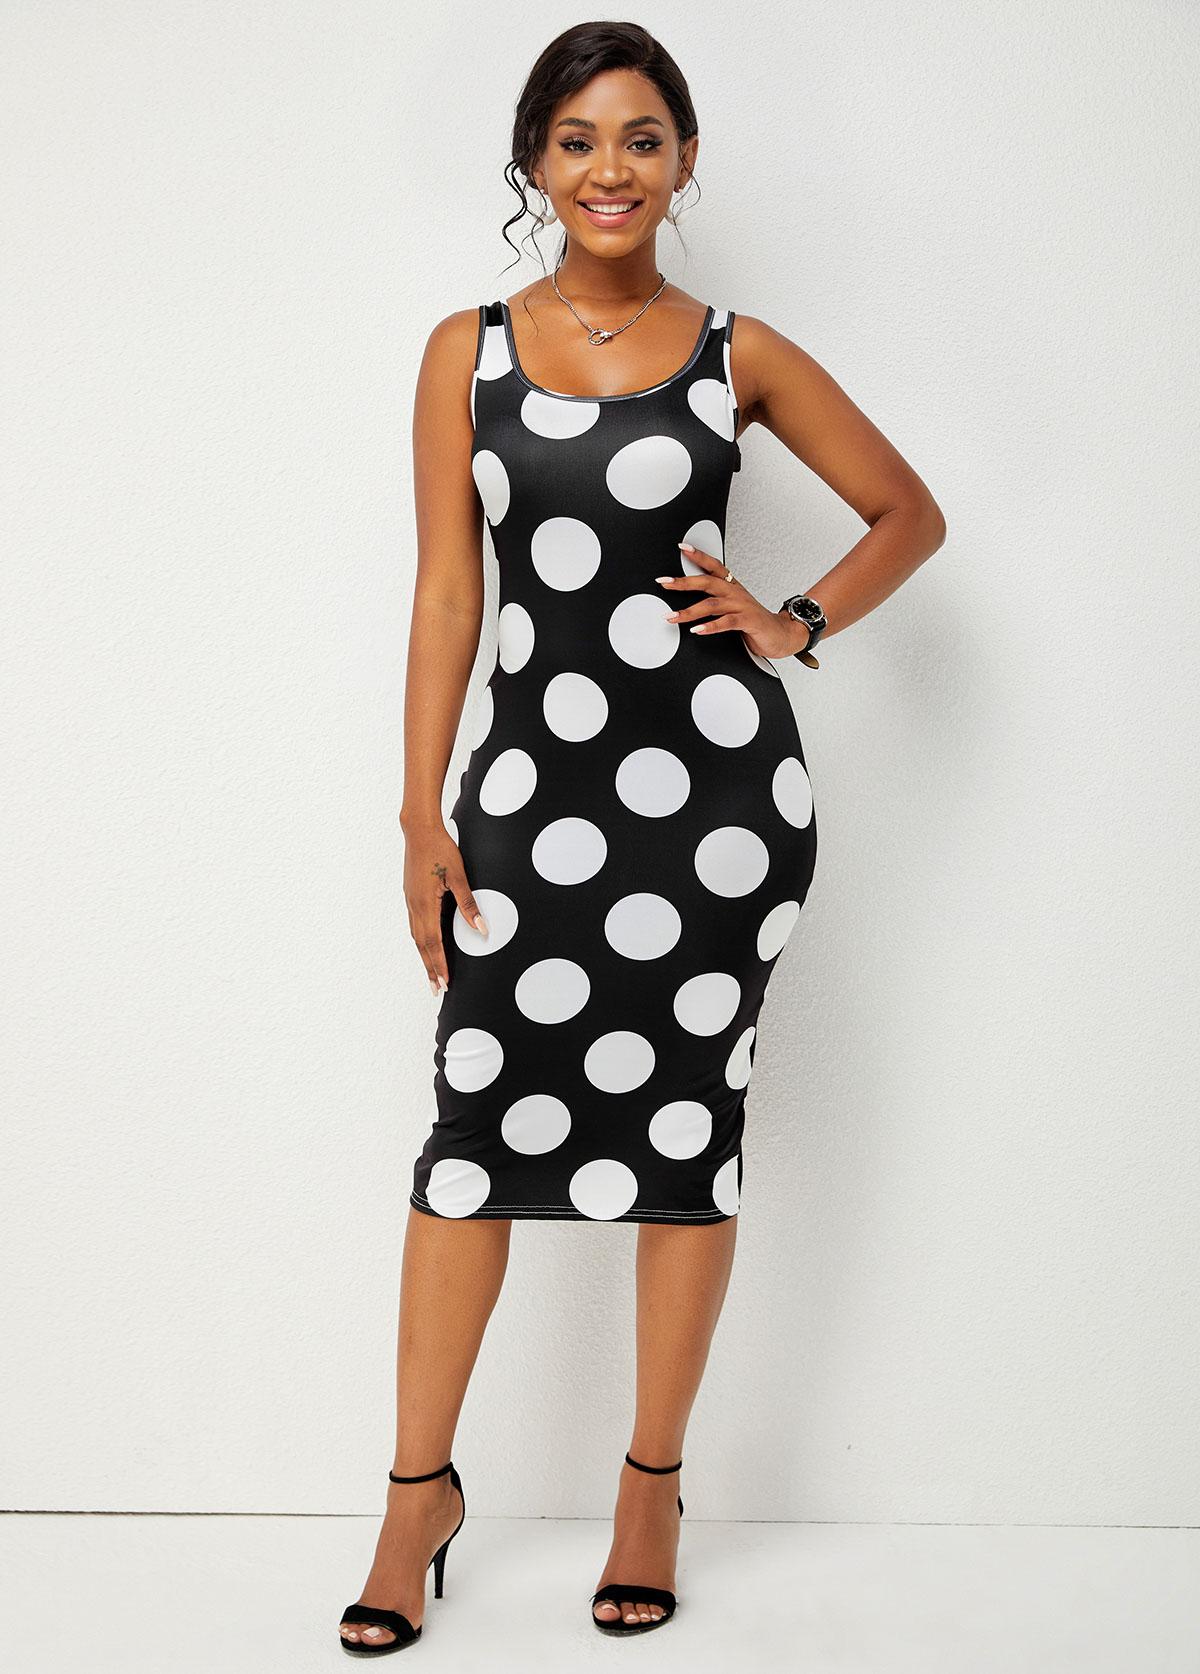 Wide Strap Polka Dot Bodycon Dress